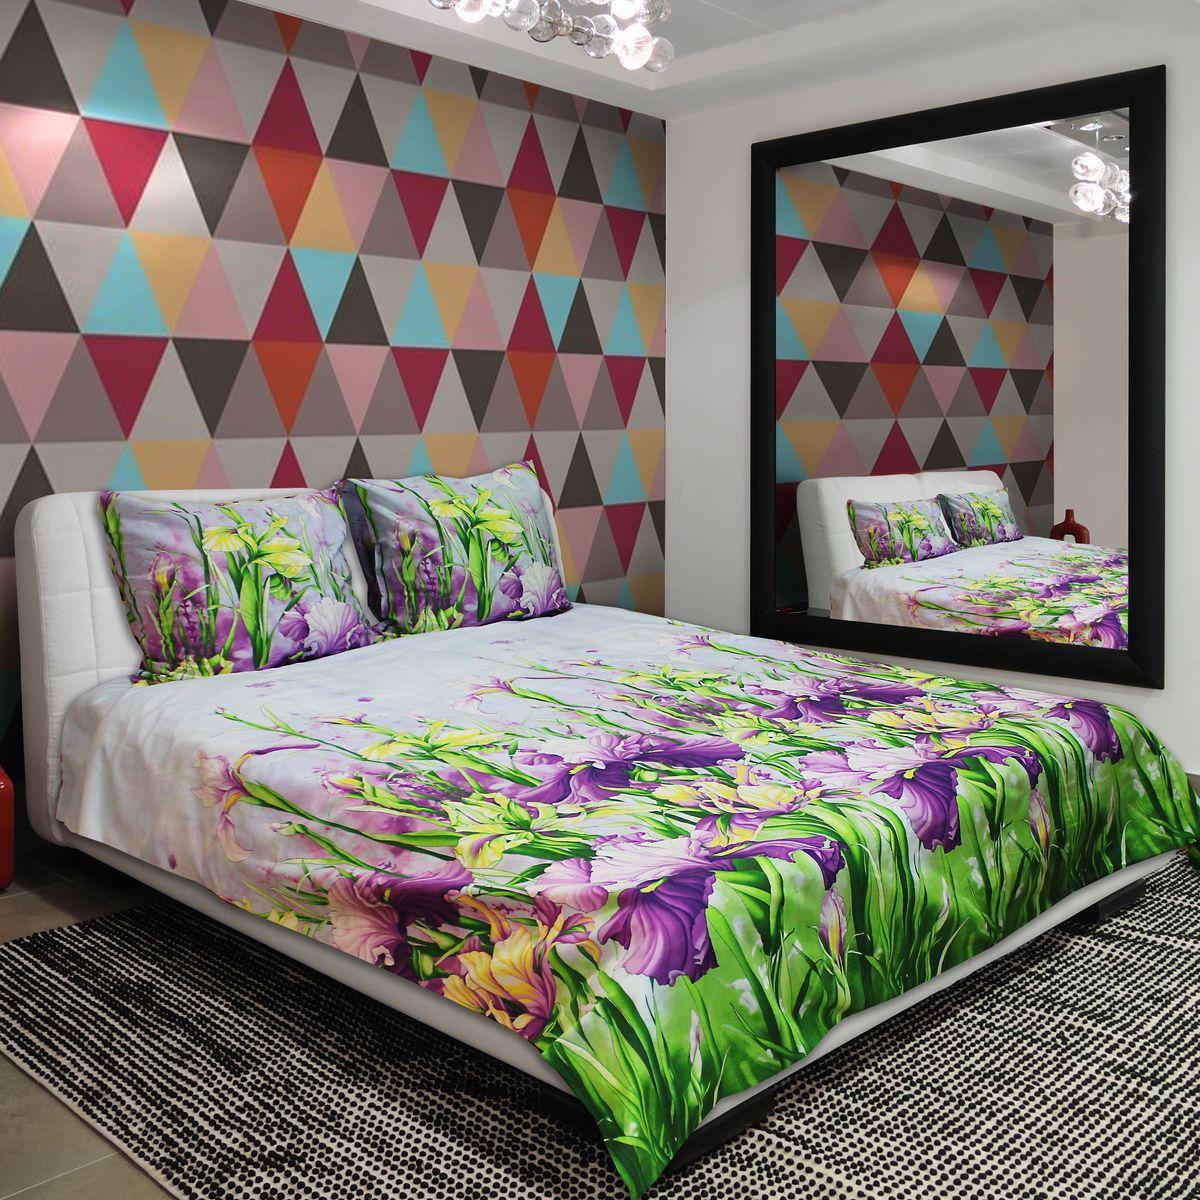 Комплект белья Amore Mio Bright, 1,5-спальный, наволочки 70х7077695Постельное белье из бязи практично и долговечно, а самое главное - это 100% хлопок! Материал великолепно отводит влагу, отлично пропускает воздух, не капризен в уходе, легко стирается и гладится. Новая коллекция Naturel 3-D дизайнов позволит выбрать постельное белье на любой вкус!